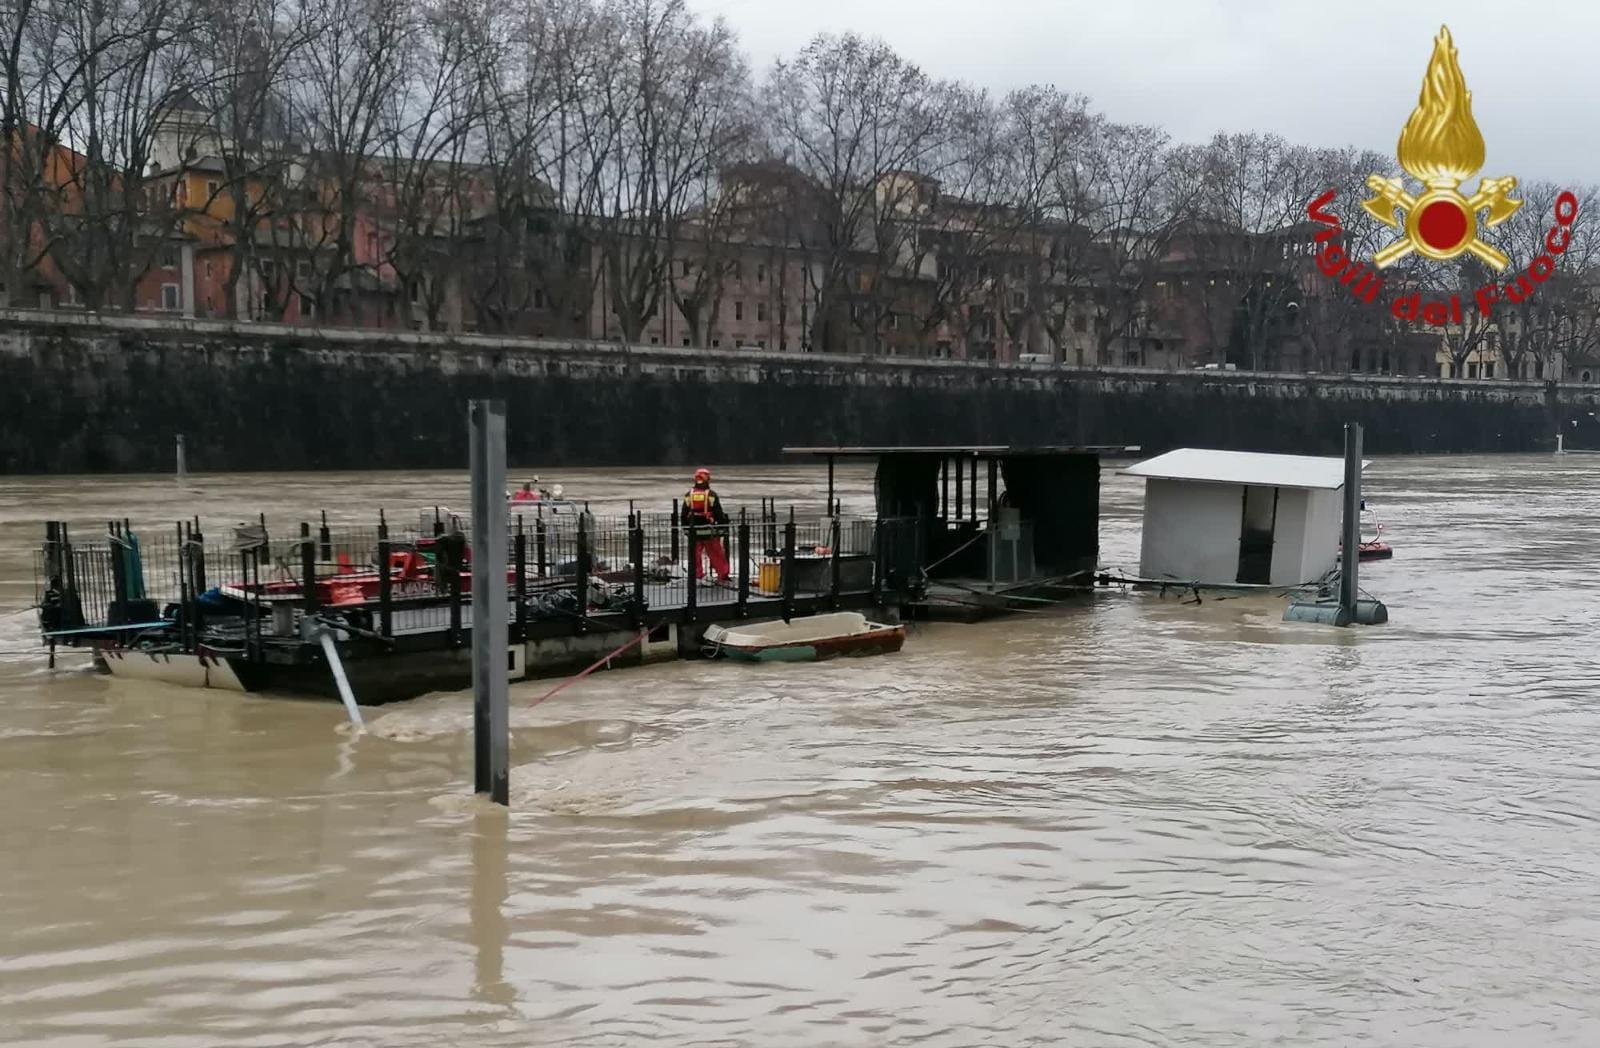 Maltempo Roma: piena del Tevere, piattaforme galleggianti rischiano di affondare e di staccarsi dagli argini (FOTO)